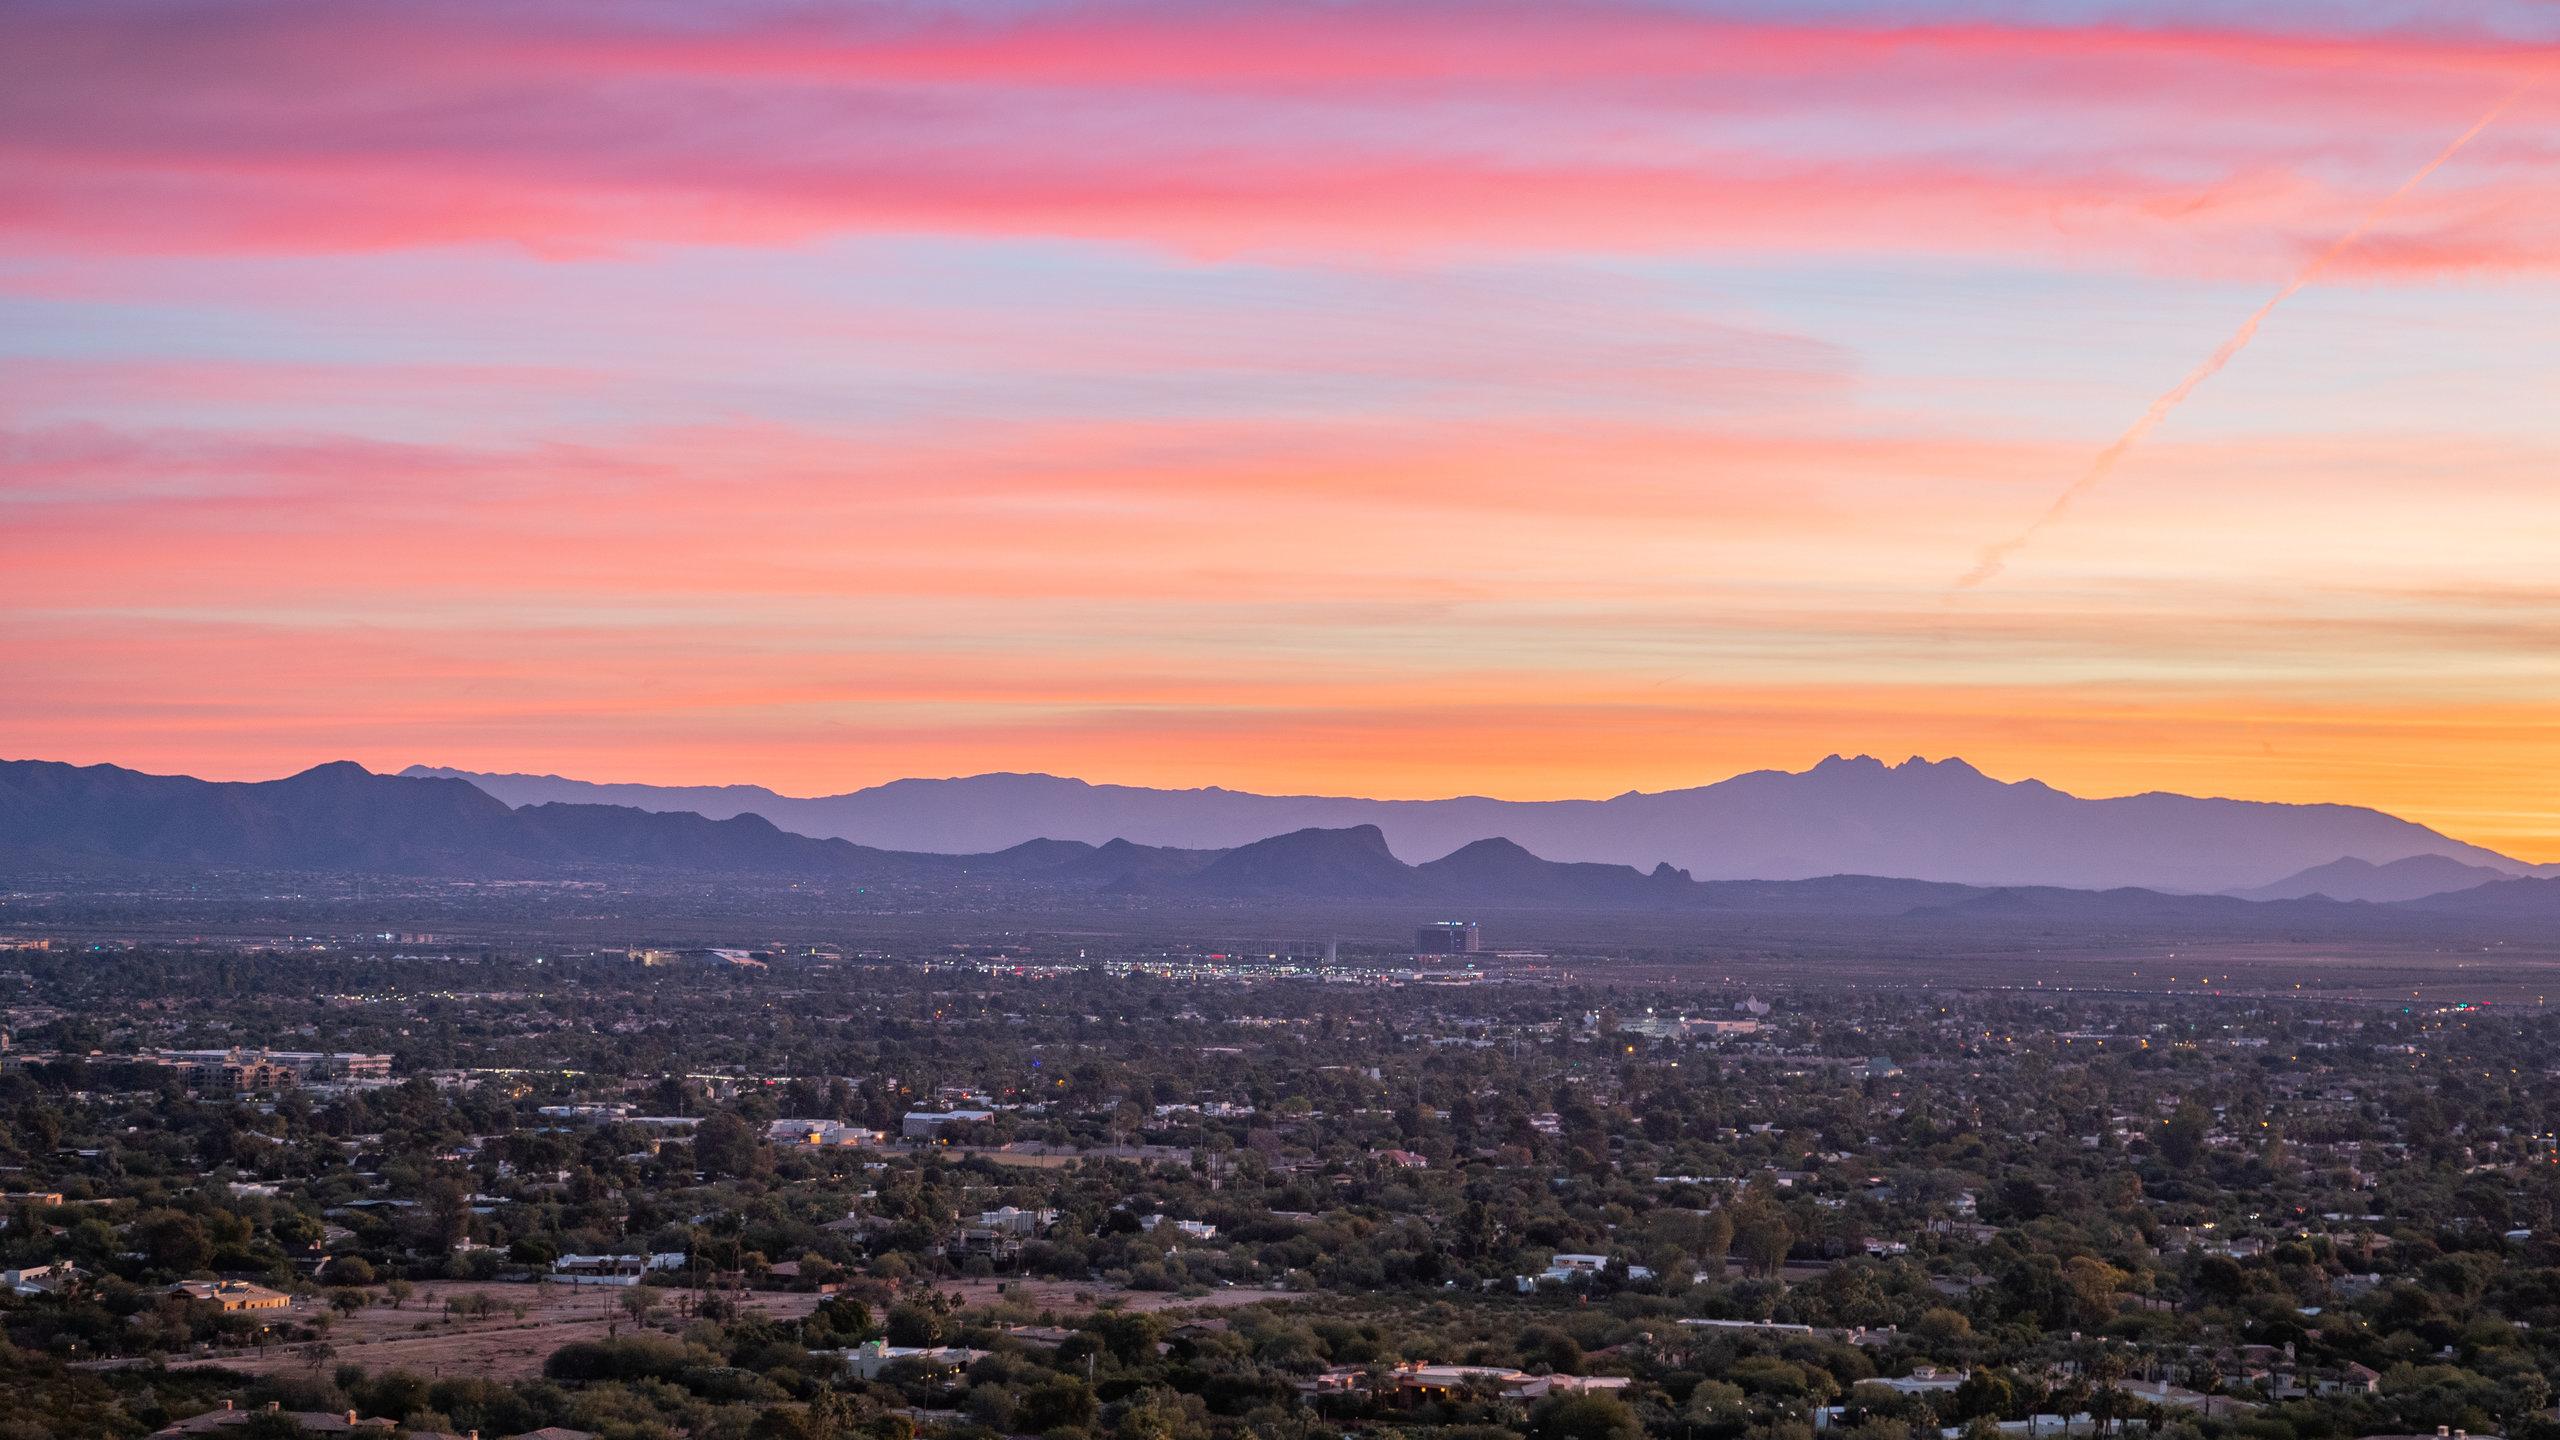 Paradise Valley, Arizona, United States of America